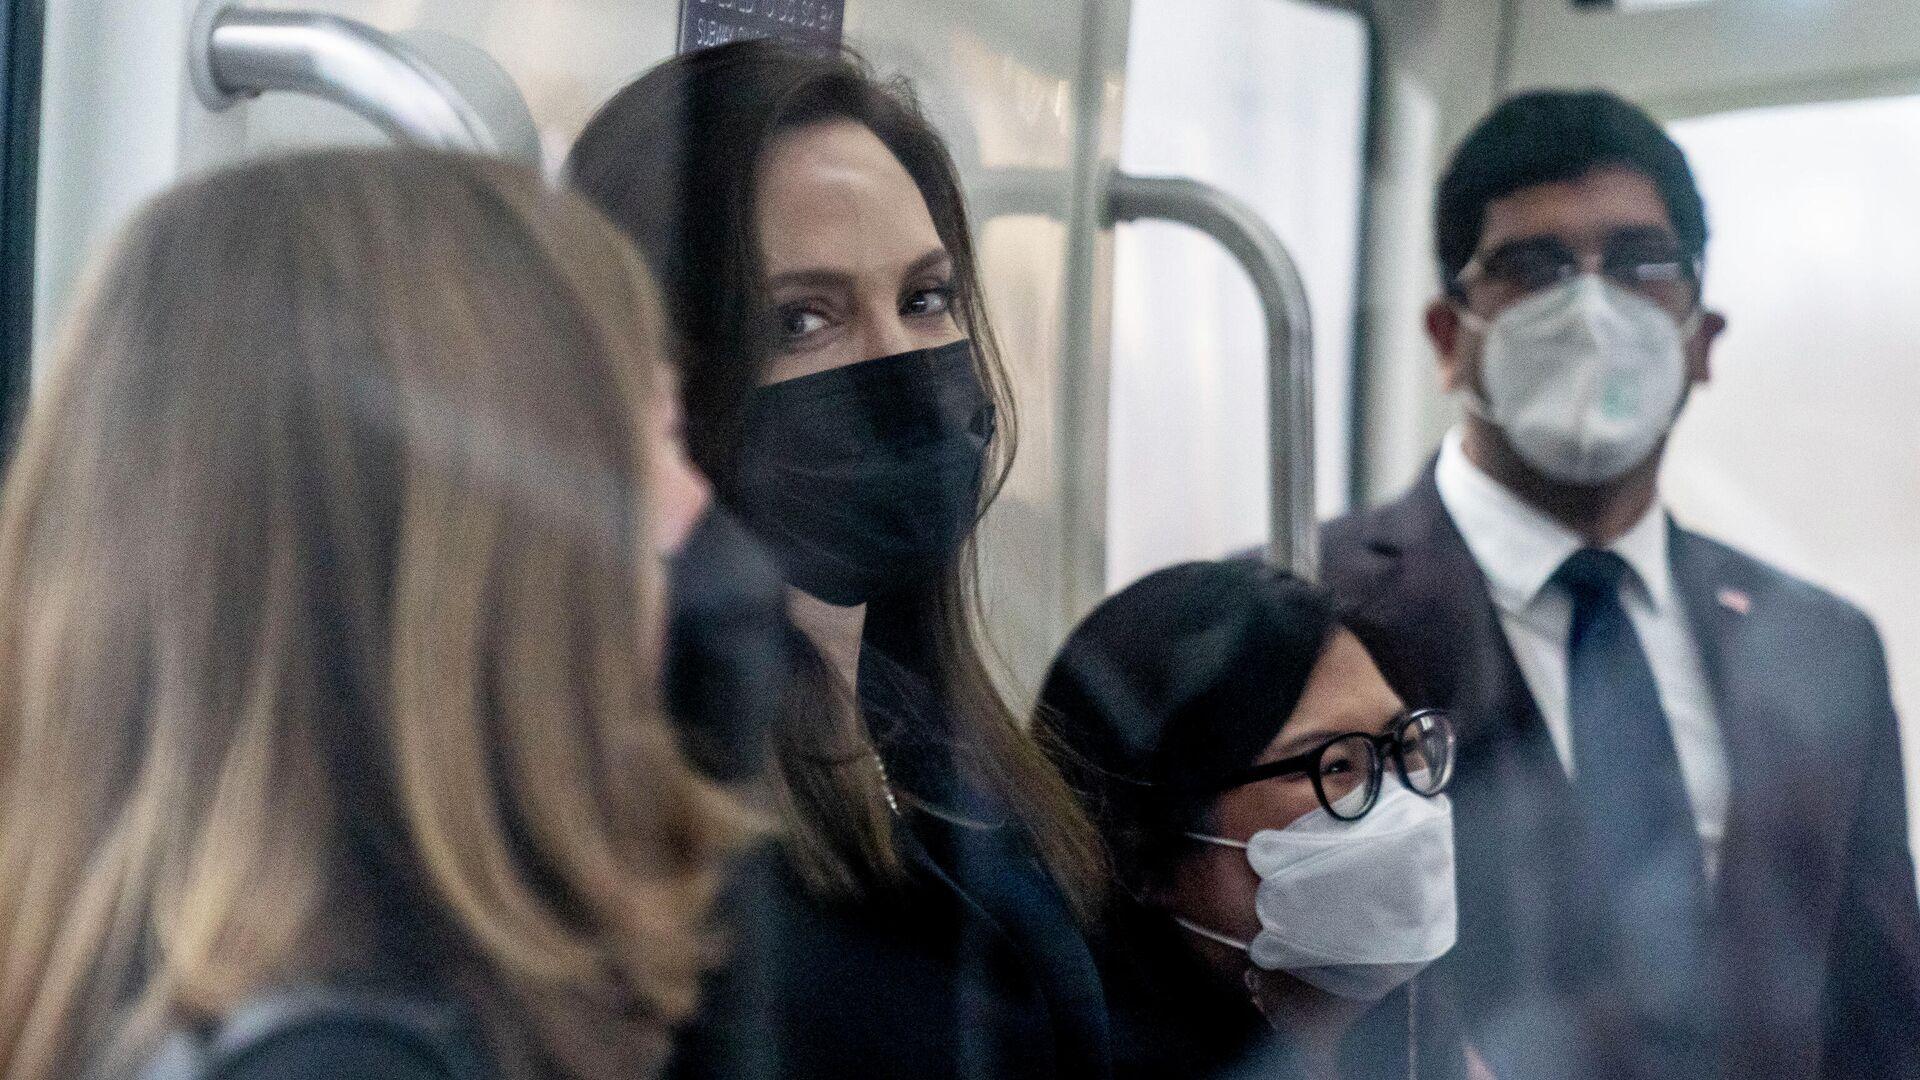 Анджелина Джоли в маске во время пандемии коронавируса - Sputnik Грузия, 1920, 09.10.2021